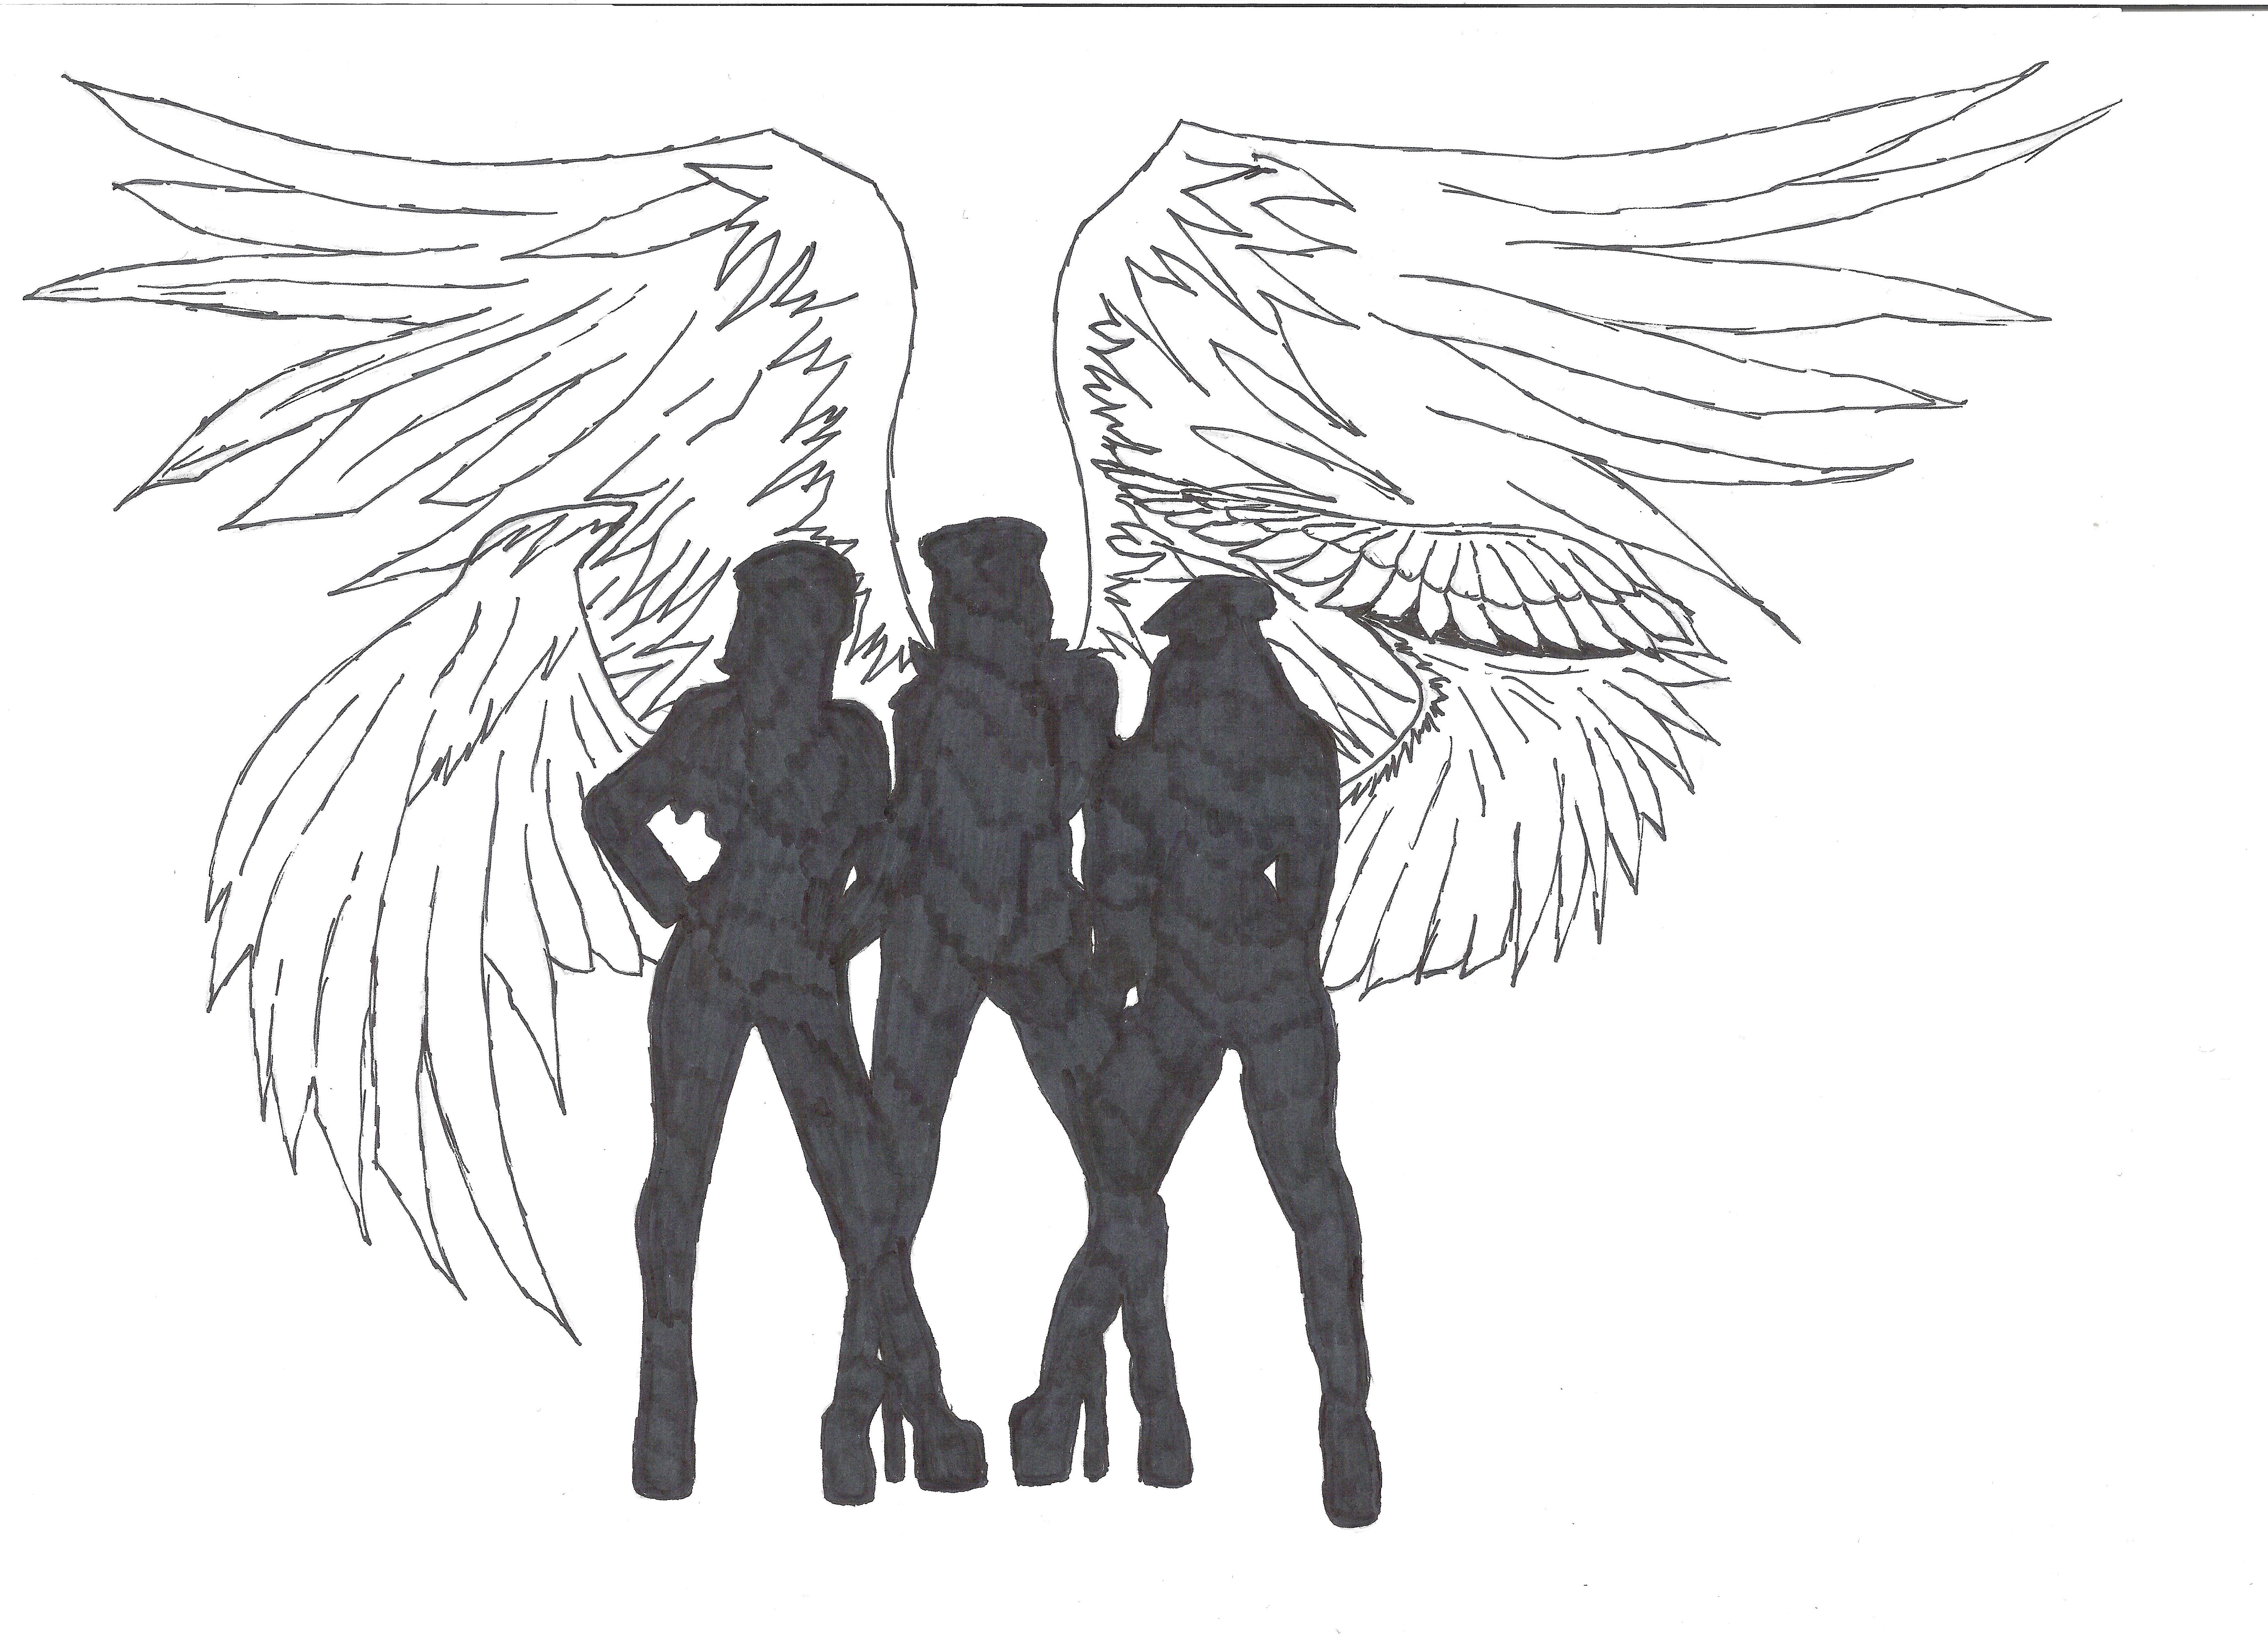 charlie u0027s angels revamped by twipurplequeen18 on deviantart